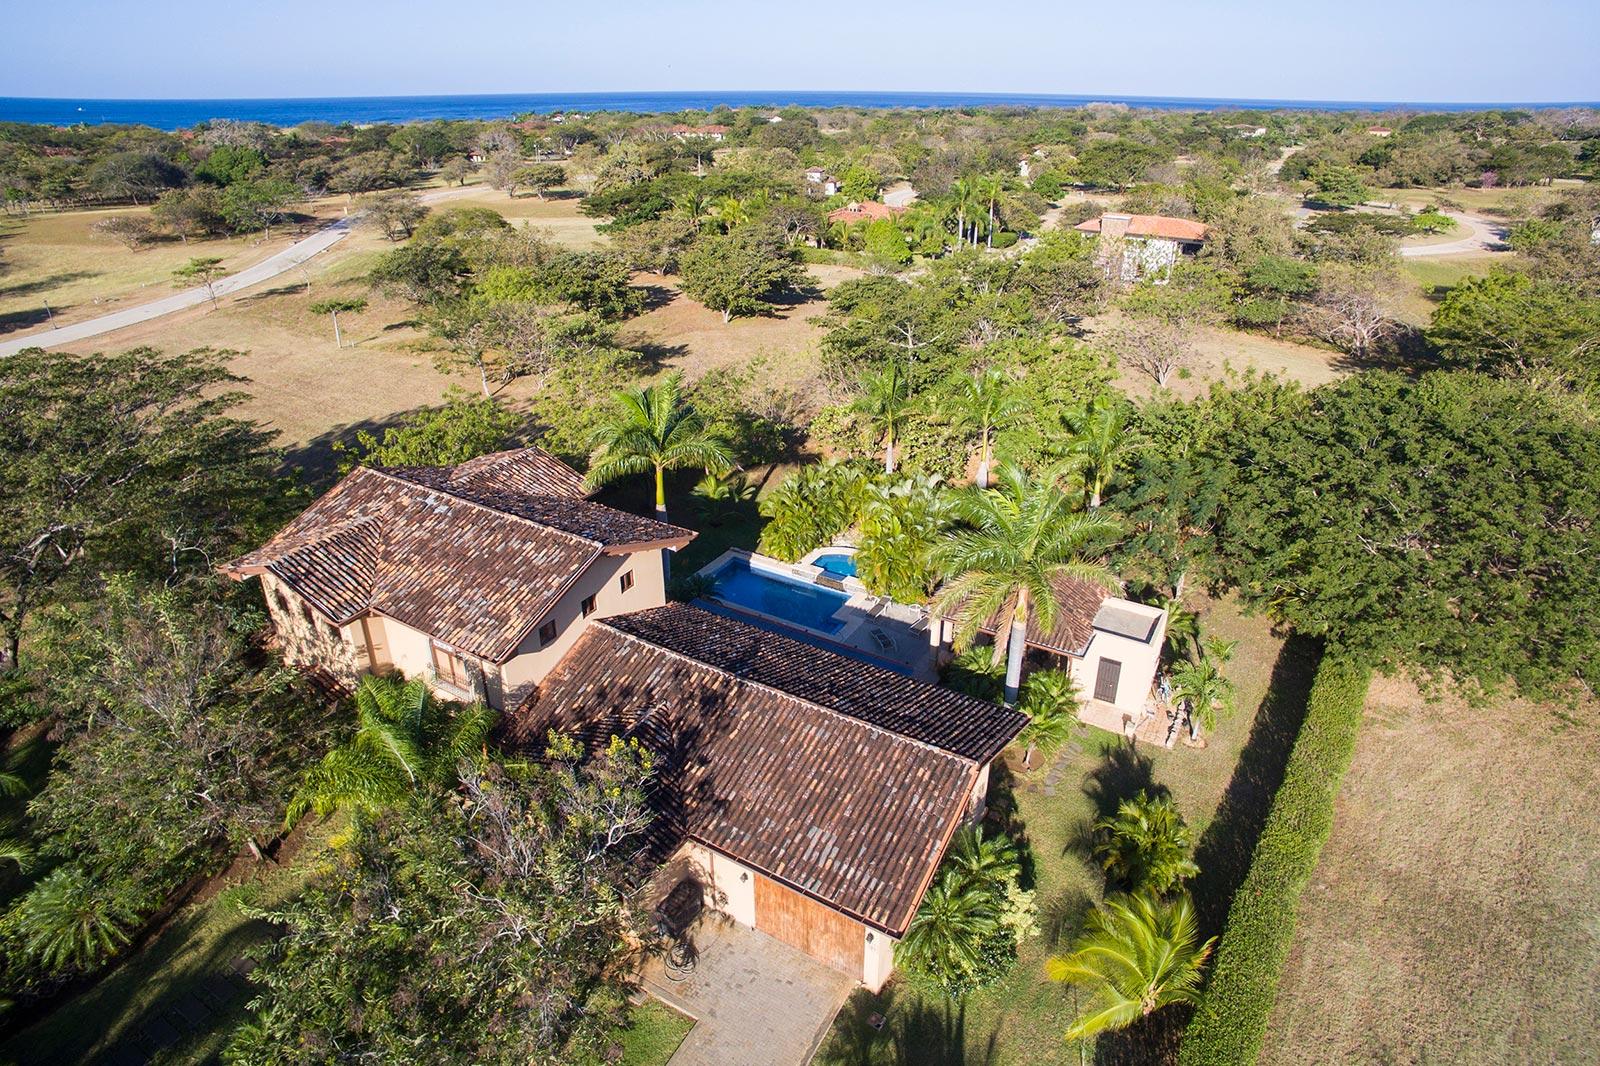 Amazing Casa Almendro in Hacienda Pinilla *Fire Sale*, ID CODE: #3560